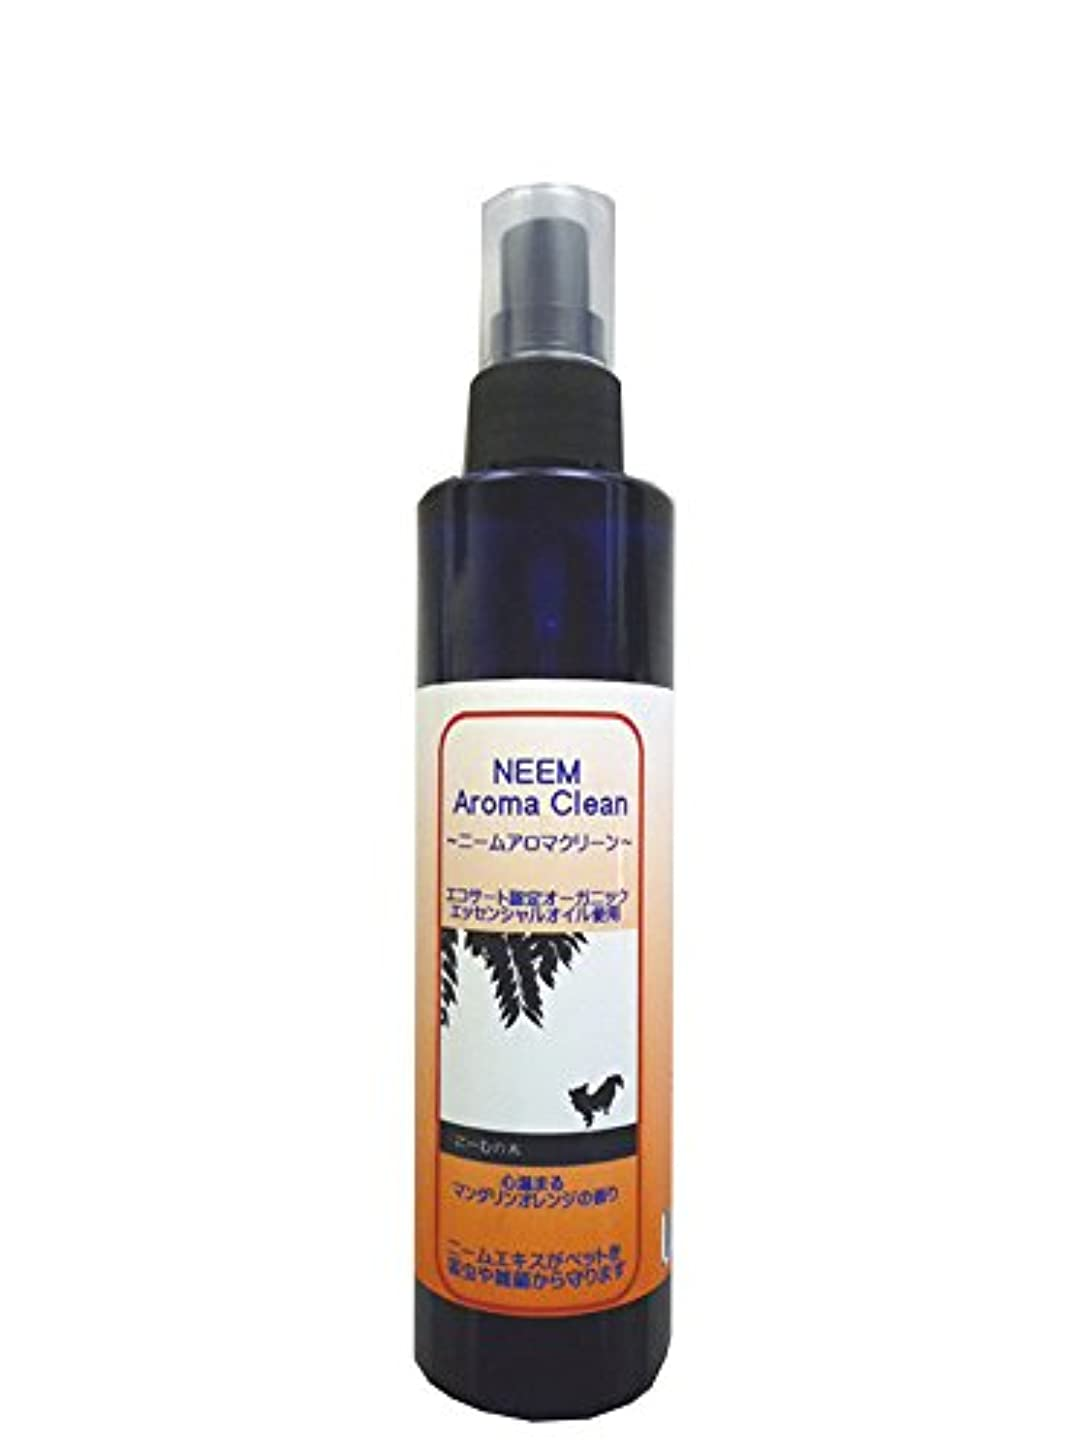 広範囲送金鑑定ニームアロマクリーン(マンダリンオレンジ) NEEM Aroma Clean 200ml 【BLOOM】【(ノミ?ダニ)駆除用としてもお使いいただけます。】